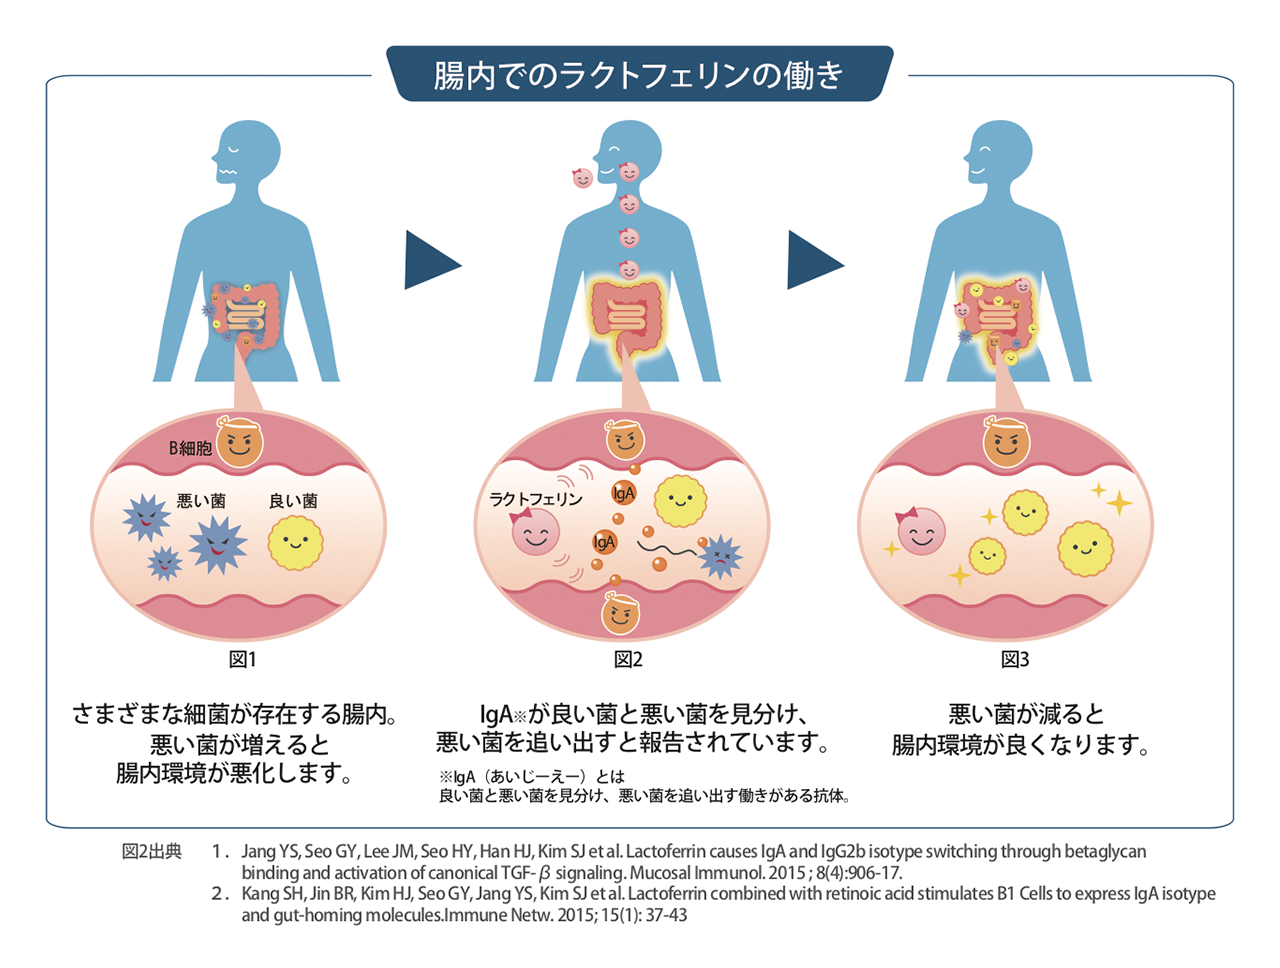 腸内細菌が住み心地良い環境に。ラクトフェリンで積極的な腸育を